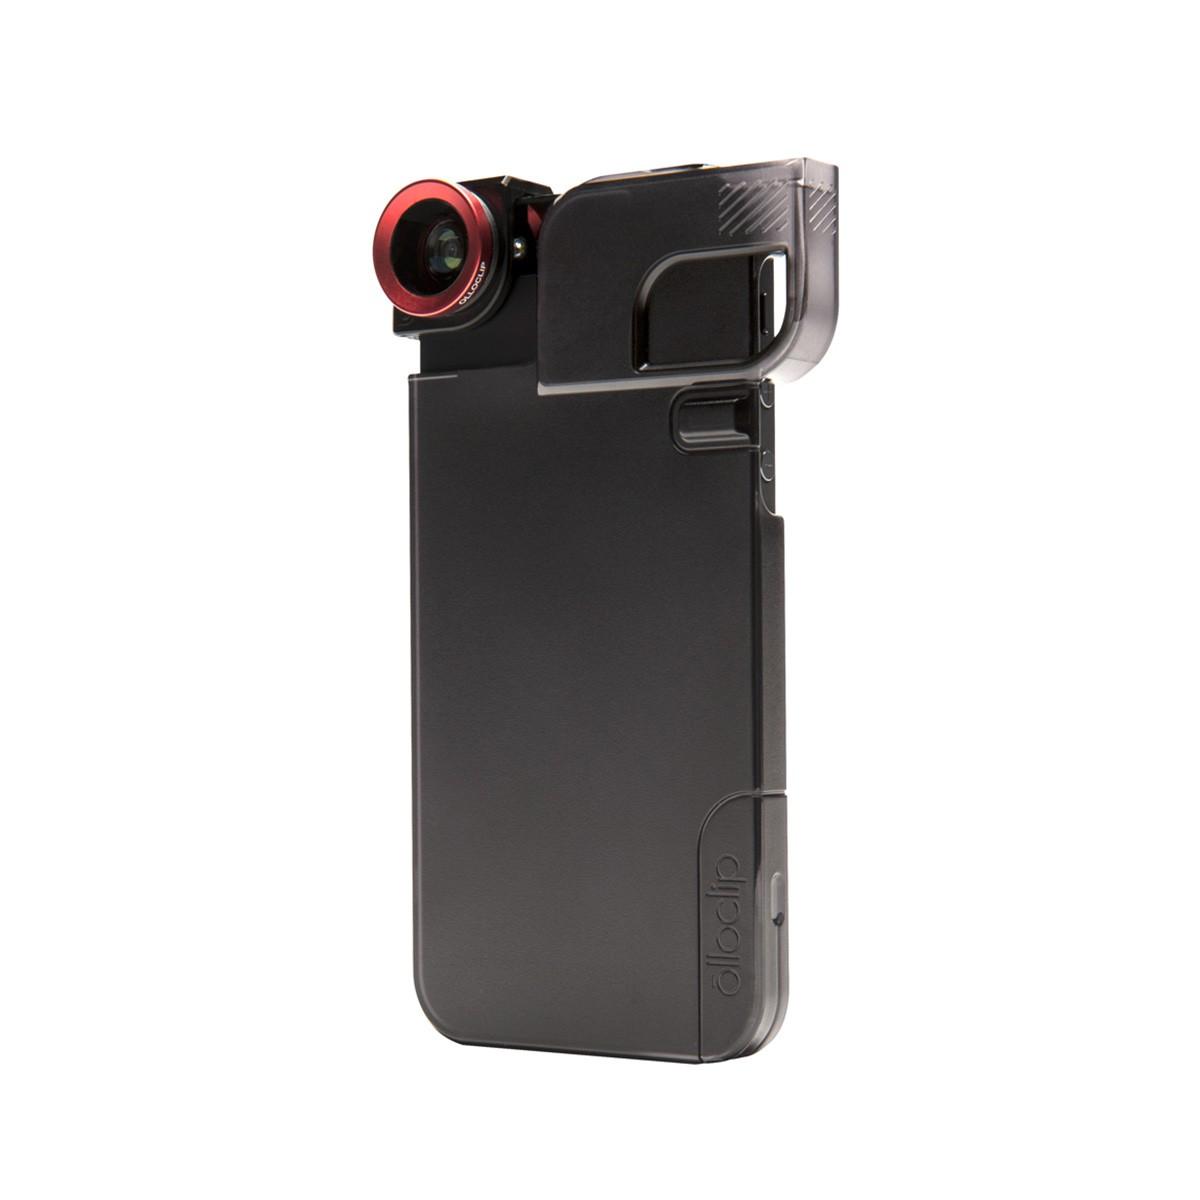 Черен кейс Olloclip за Apple iPhone 5/5s с оригинален обектив 3 в 1